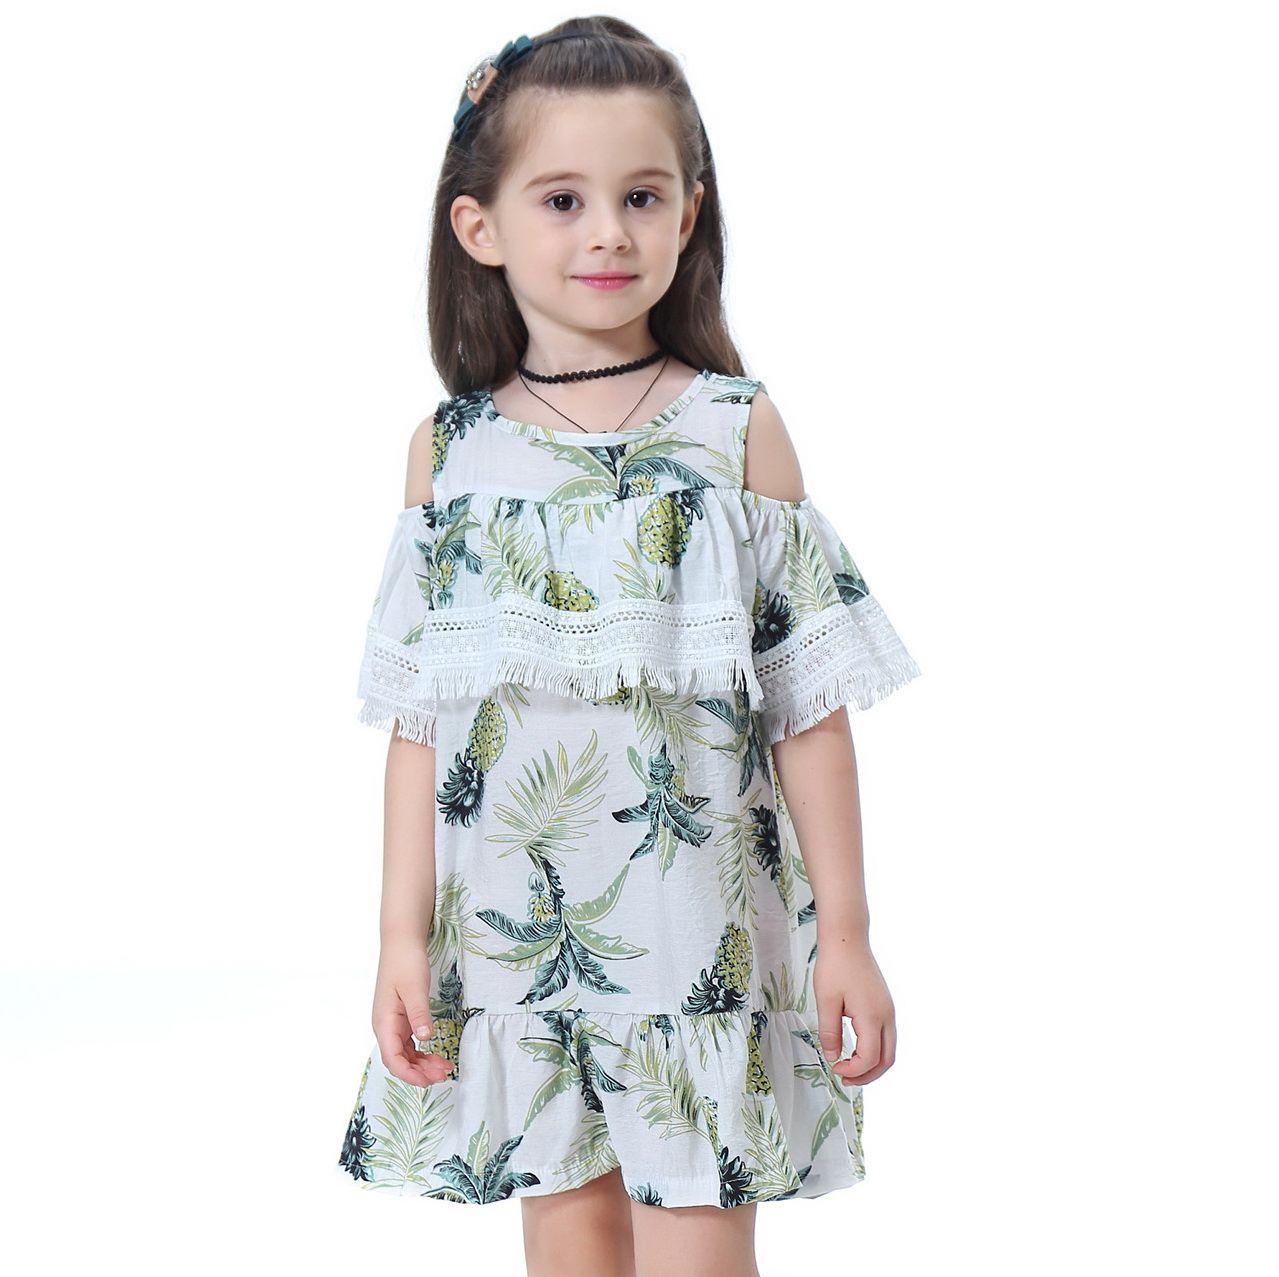 0180410c461 Acheter Style D été Fille Robe Enfant Mode Dentelle Manches À L épaule  Ananas Princesse Robe Enfants Bébé Vêtements En Coton De  11.06 Du ...